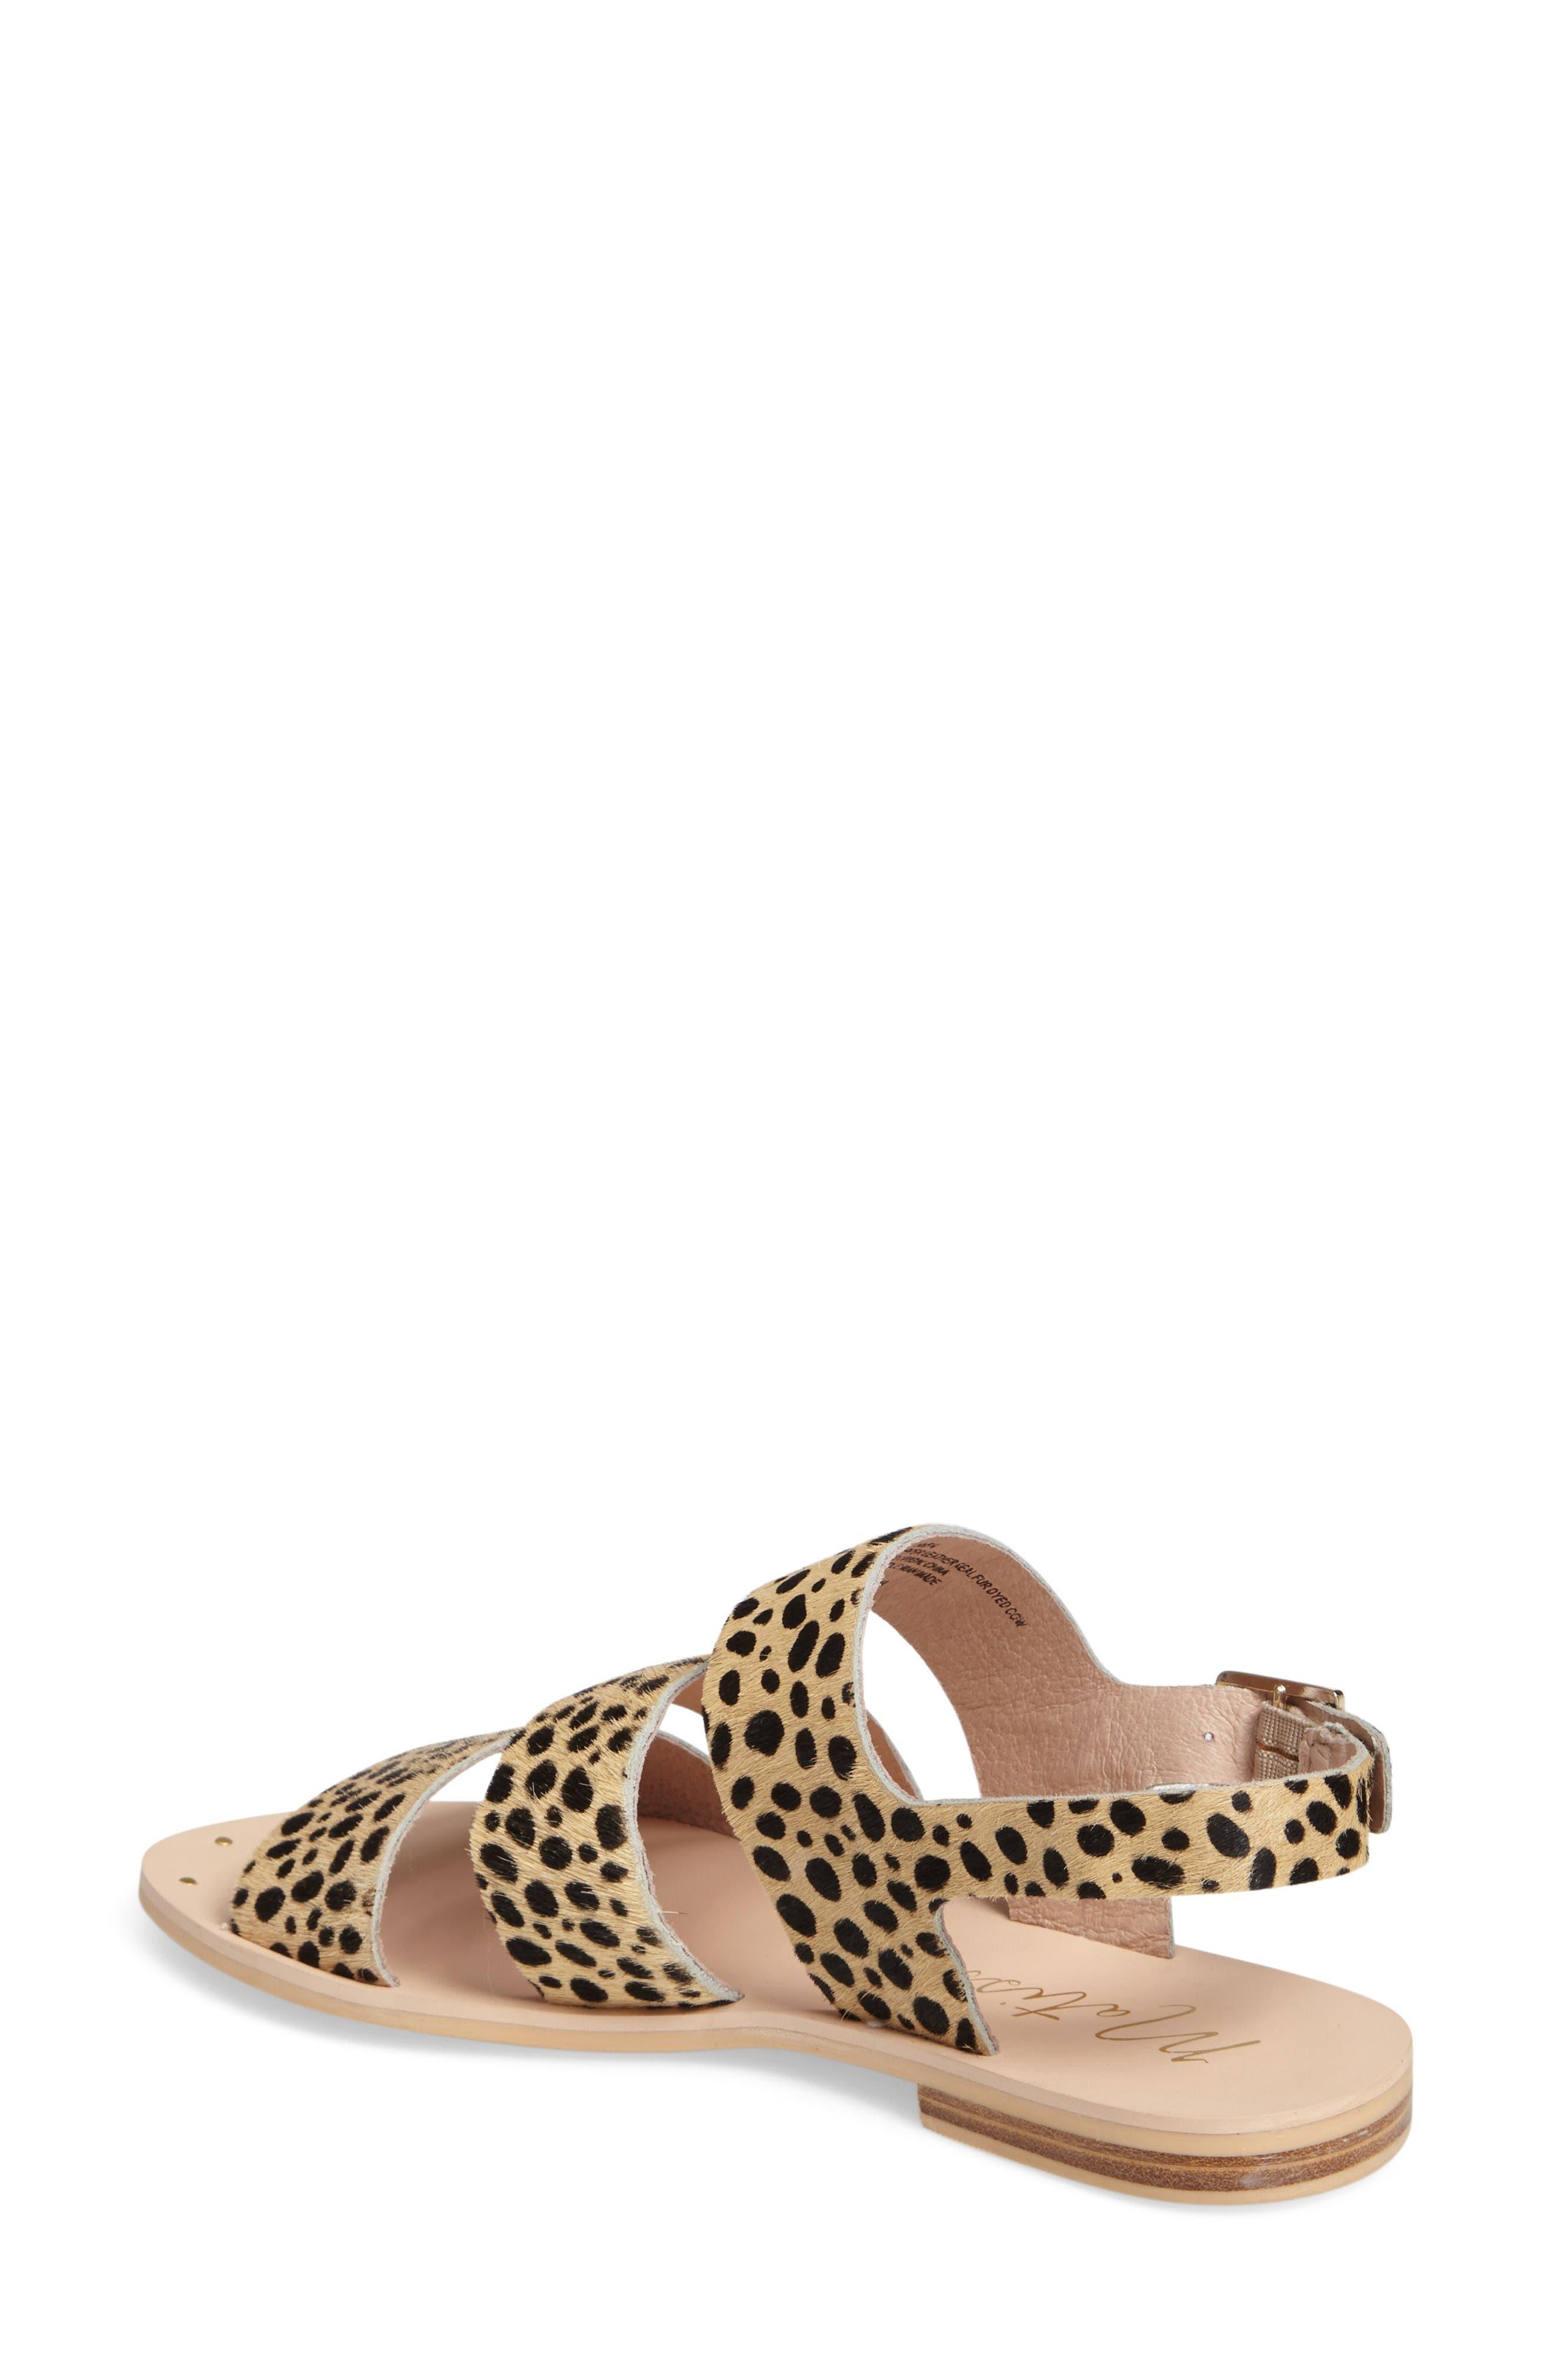 Owen Genuine Calf Hair Sandal,                             Alternate thumbnail 2, color,                             Leopard Calf Hair